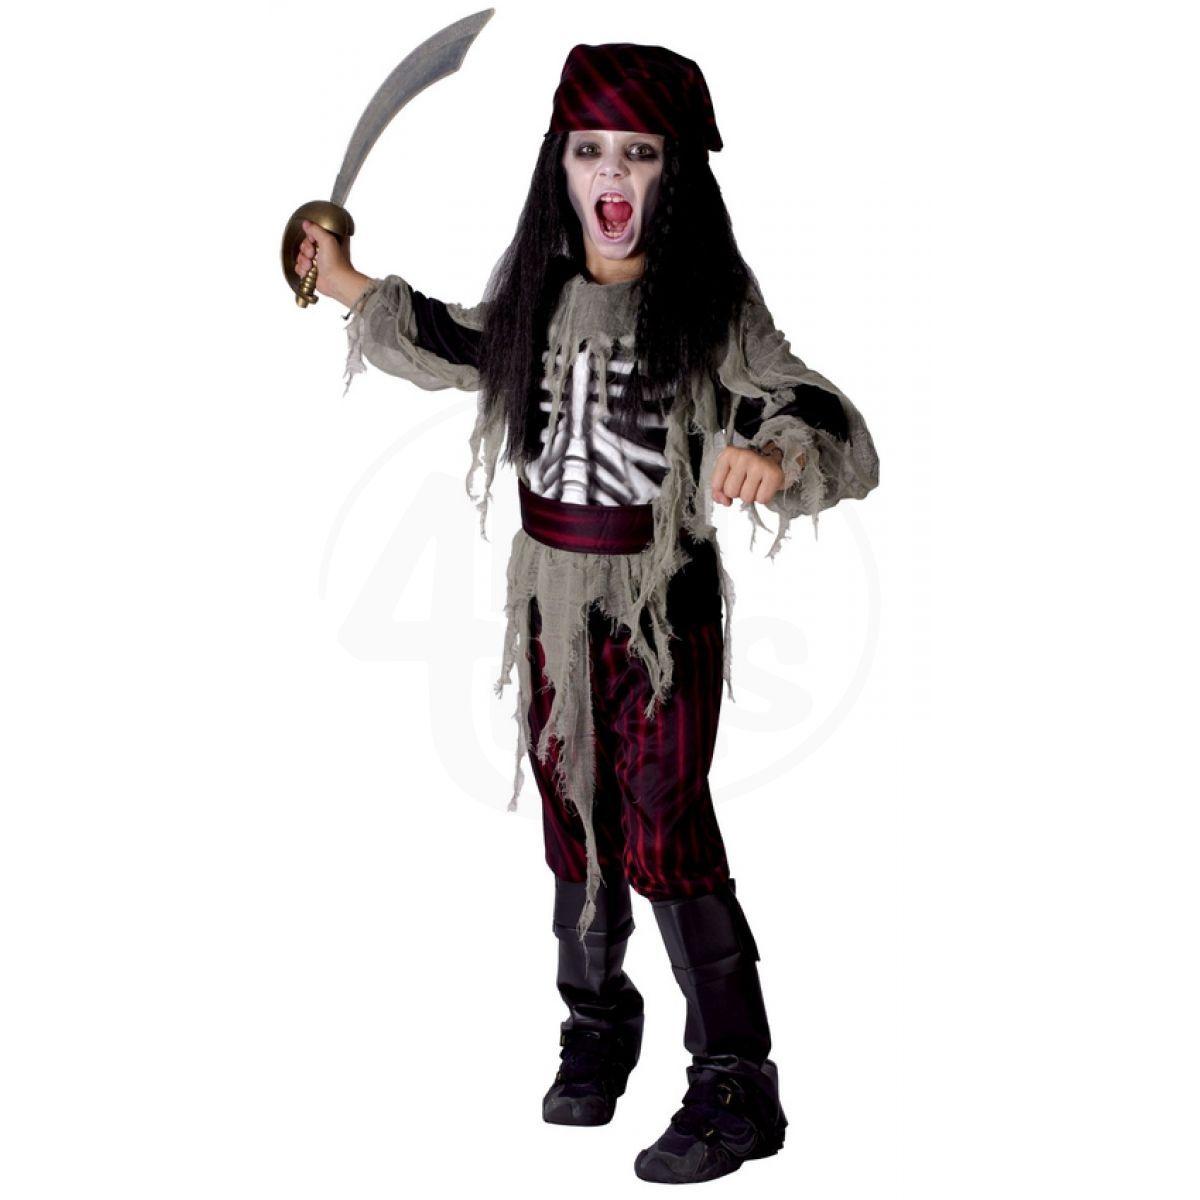 feac3bae5e09 Made Dětský kostým Pirát 110-120cm